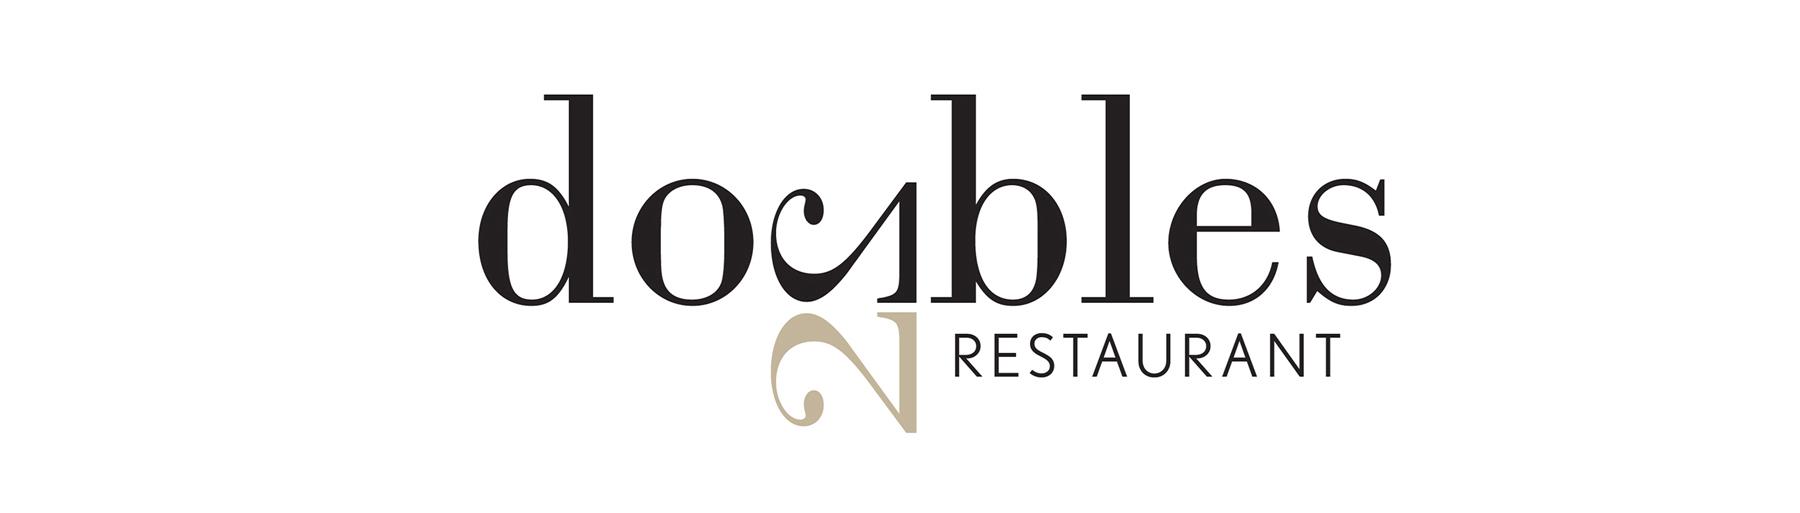 Doubles Restaurant Logo Banner